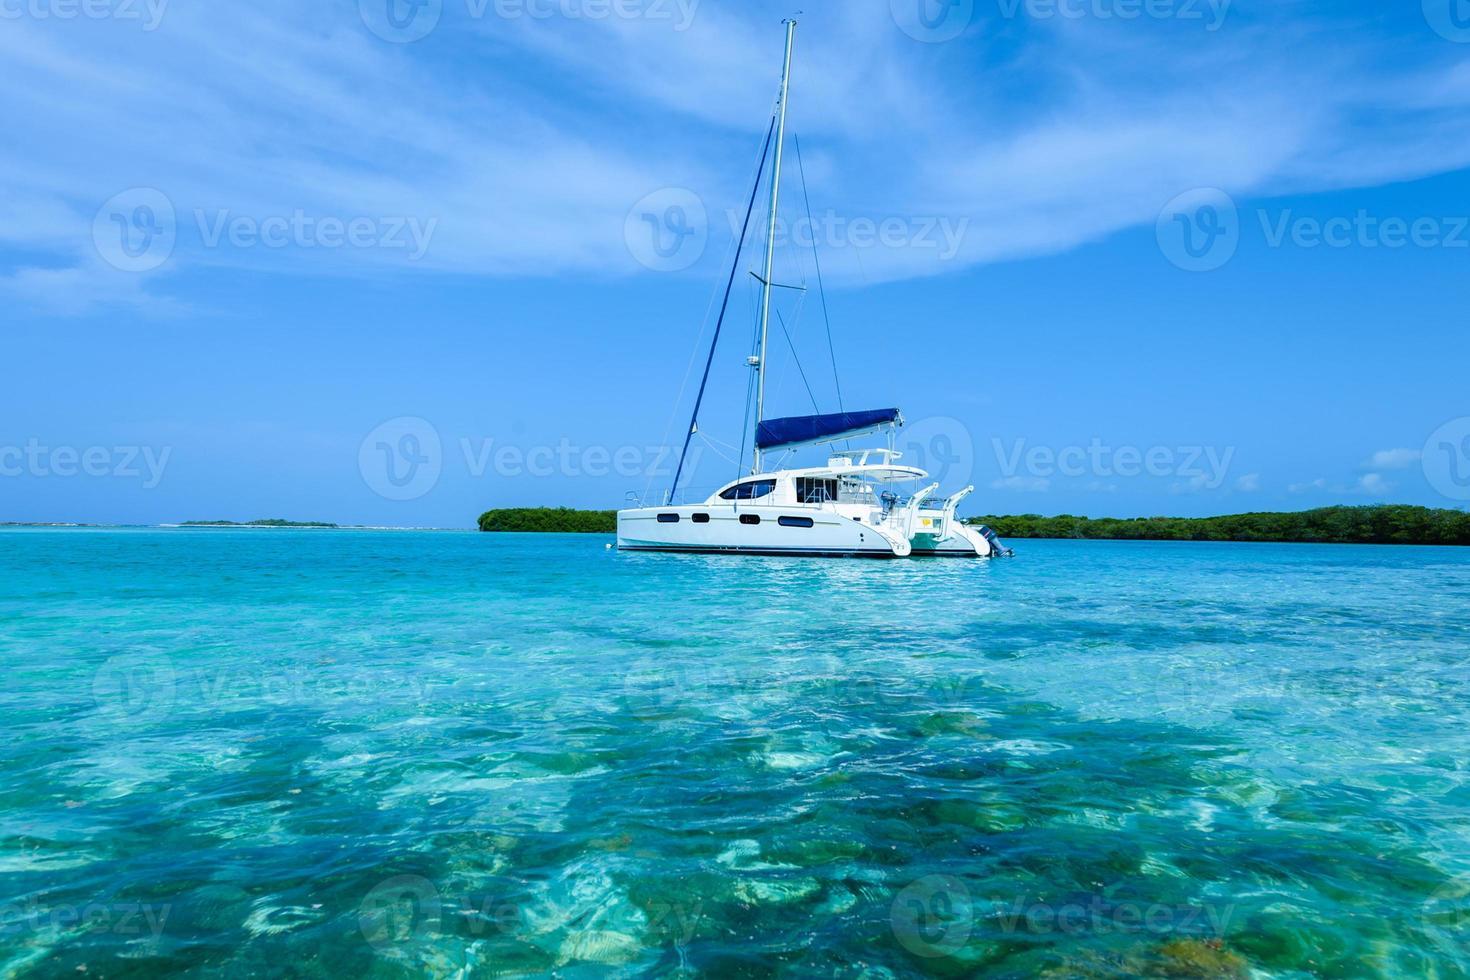 katamaran förankrad nära tropisk ö i Karibien foto